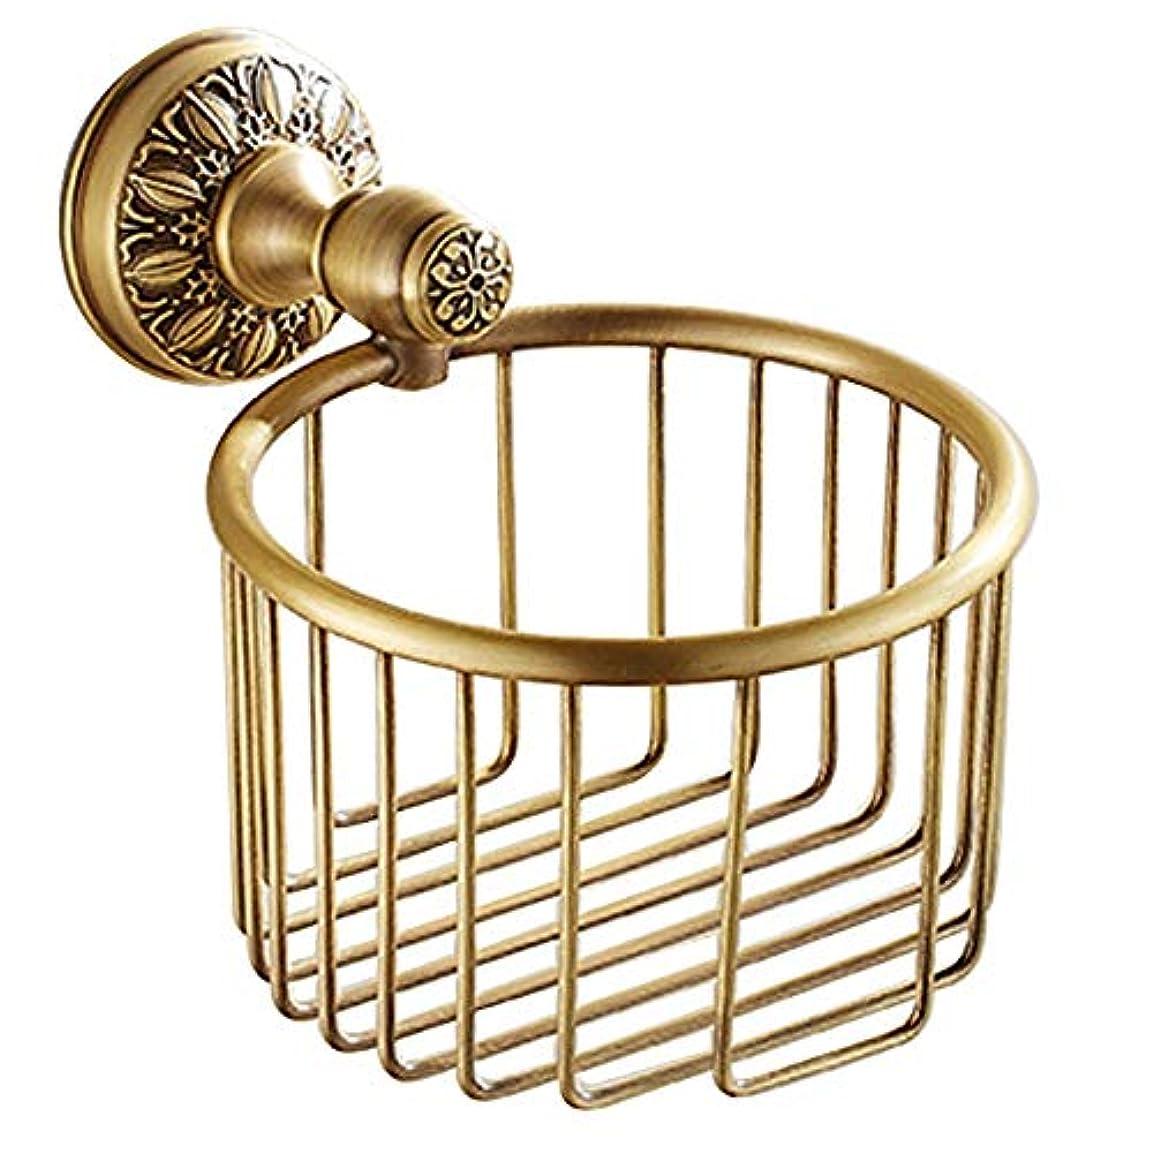 羊のブランド名促進するZZLX 紙タオルホルダー、ヨーロッパスタイルのフル銅模倣アンティークバスルームトイレットペーパータオルホルダー ロングハンドル風呂ブラシ